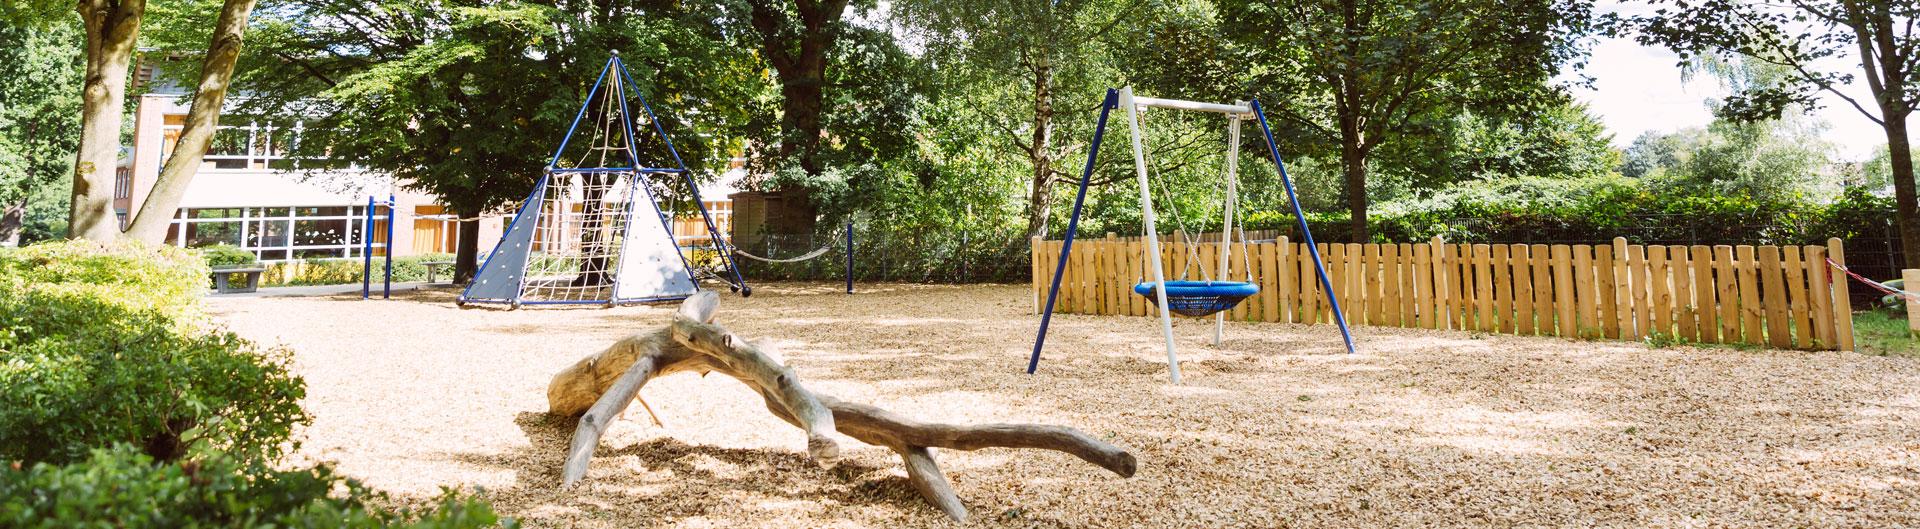 Leerer Spielplatz mit Schaukel und Klettergerüst